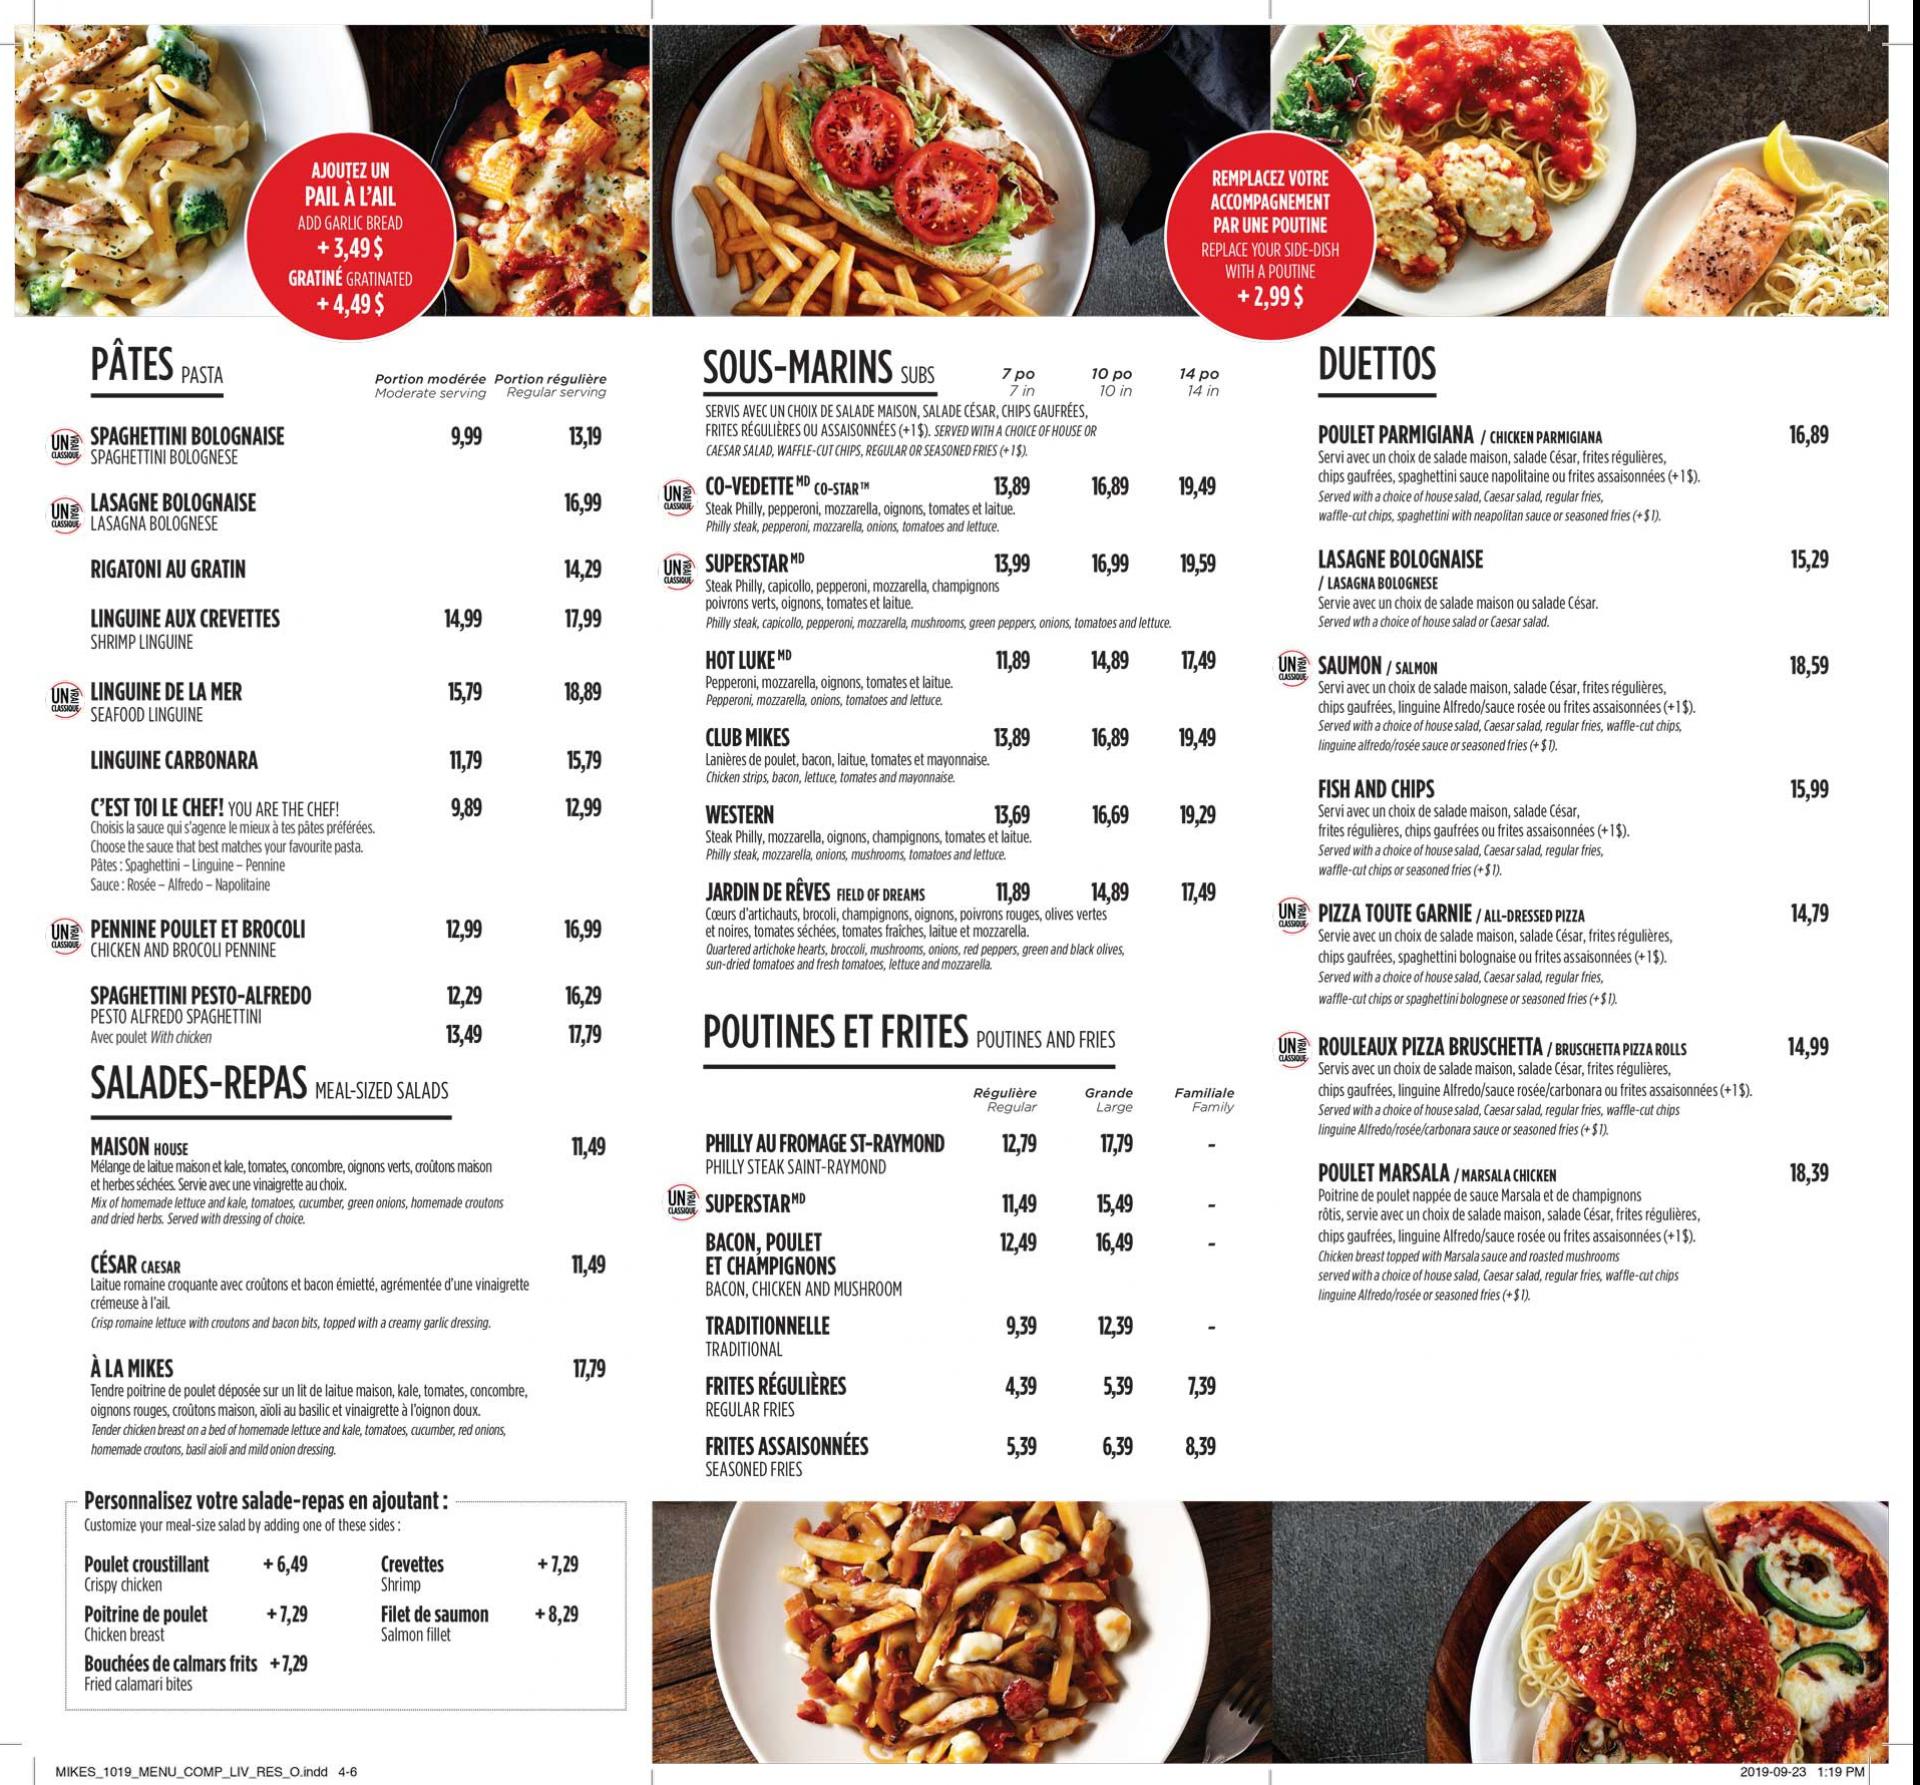 mikes-st-jerome-menu-livraison-mai-2020-2.png